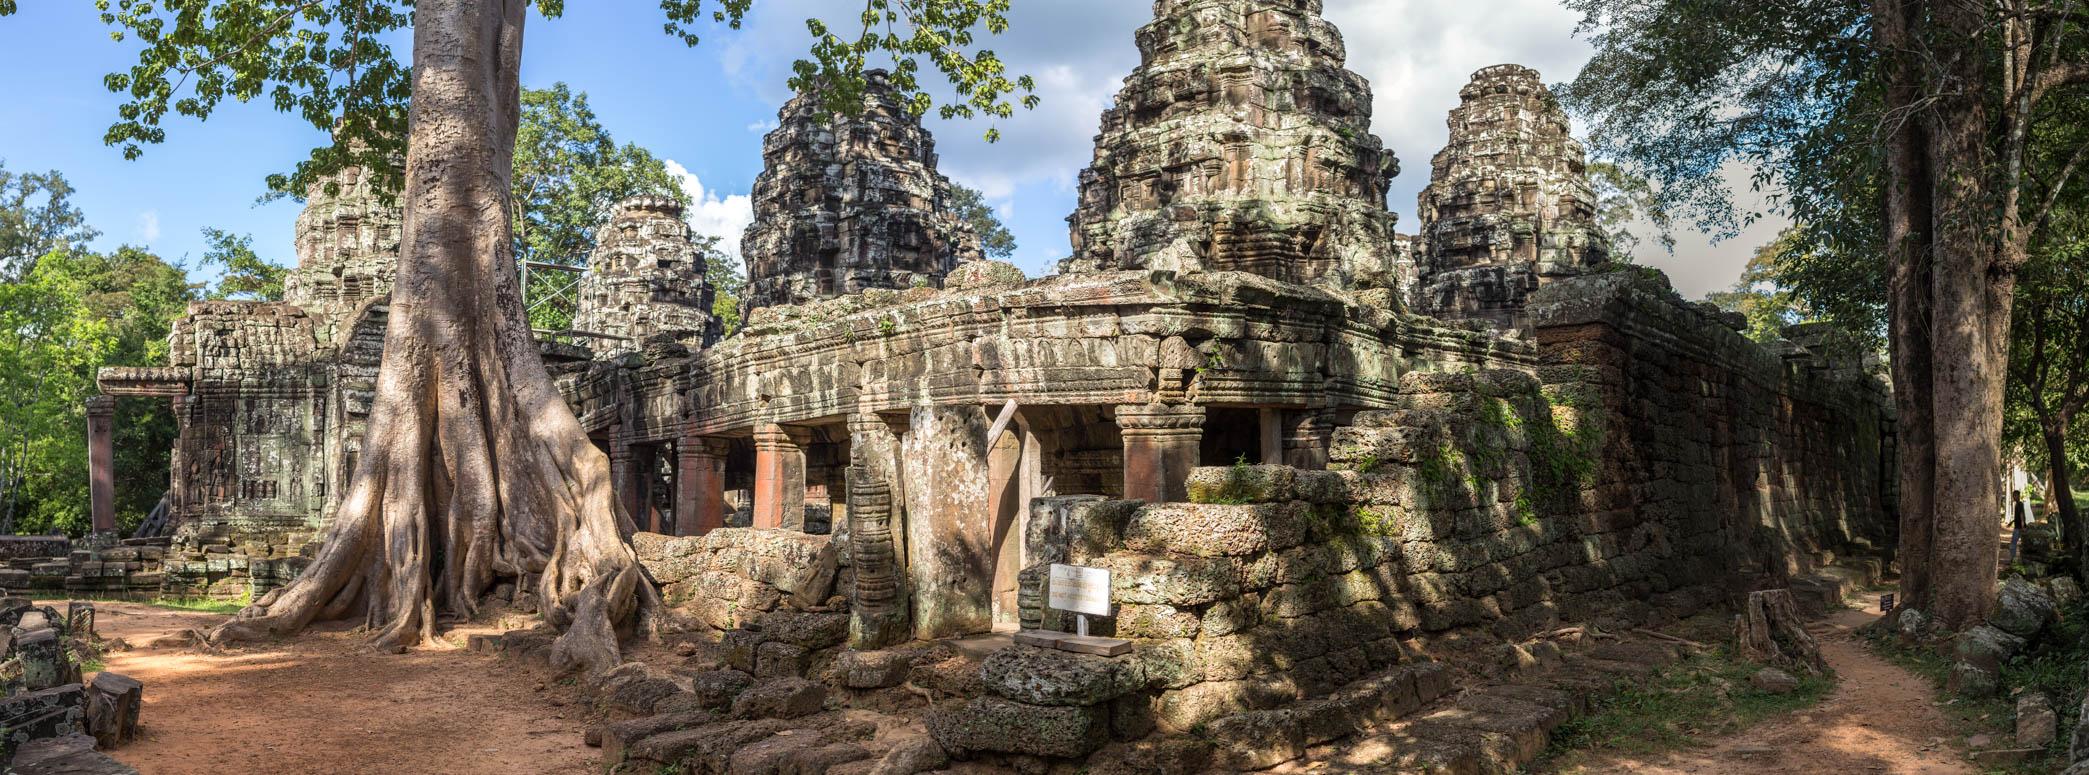 Tempel und umliegende Natur ein perfektes harmonisches Bild her